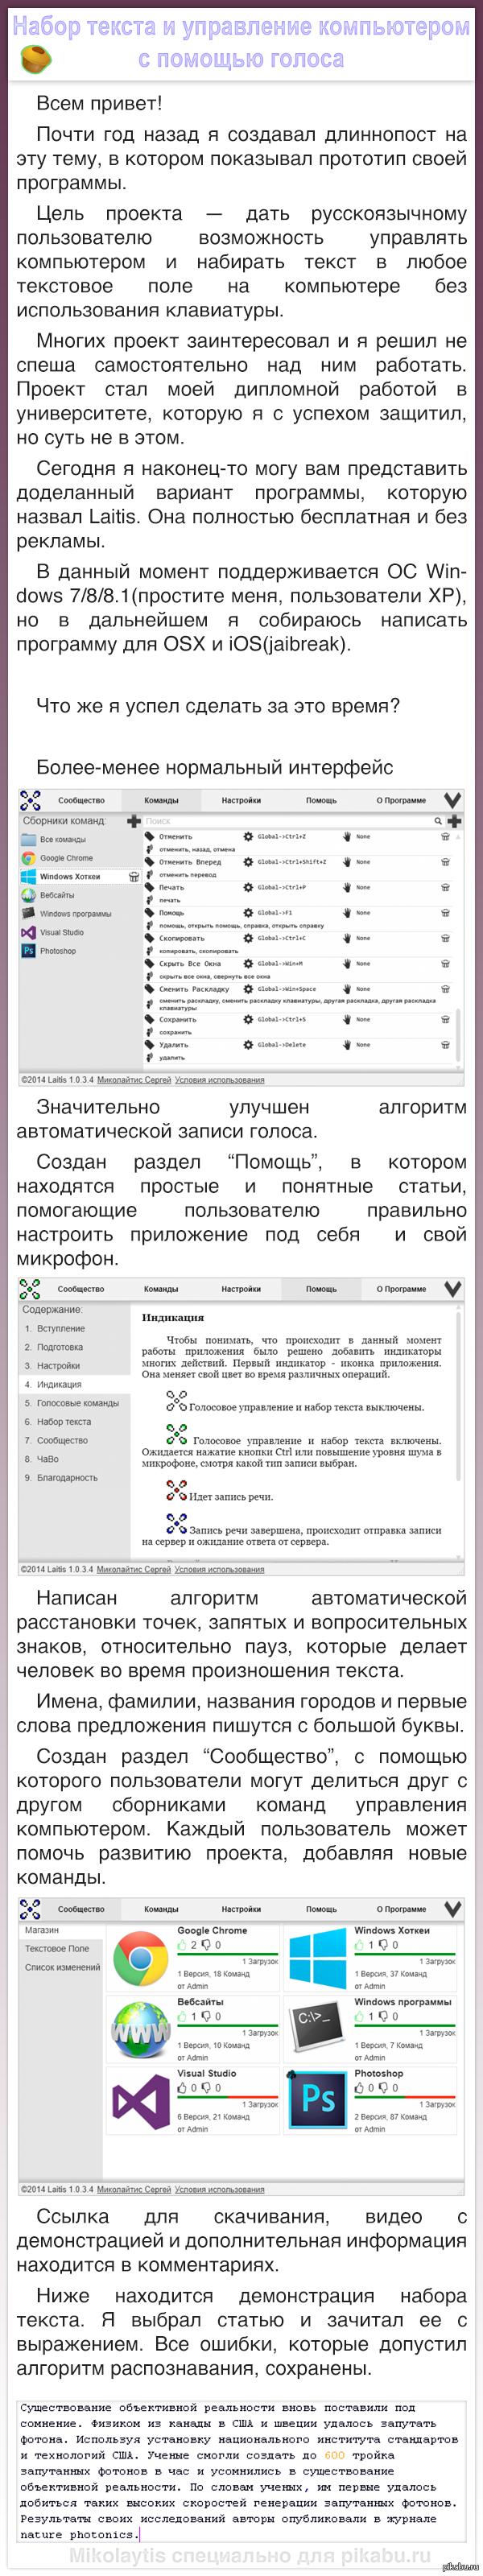 Набор текста и управление компьютером с помощью голоса